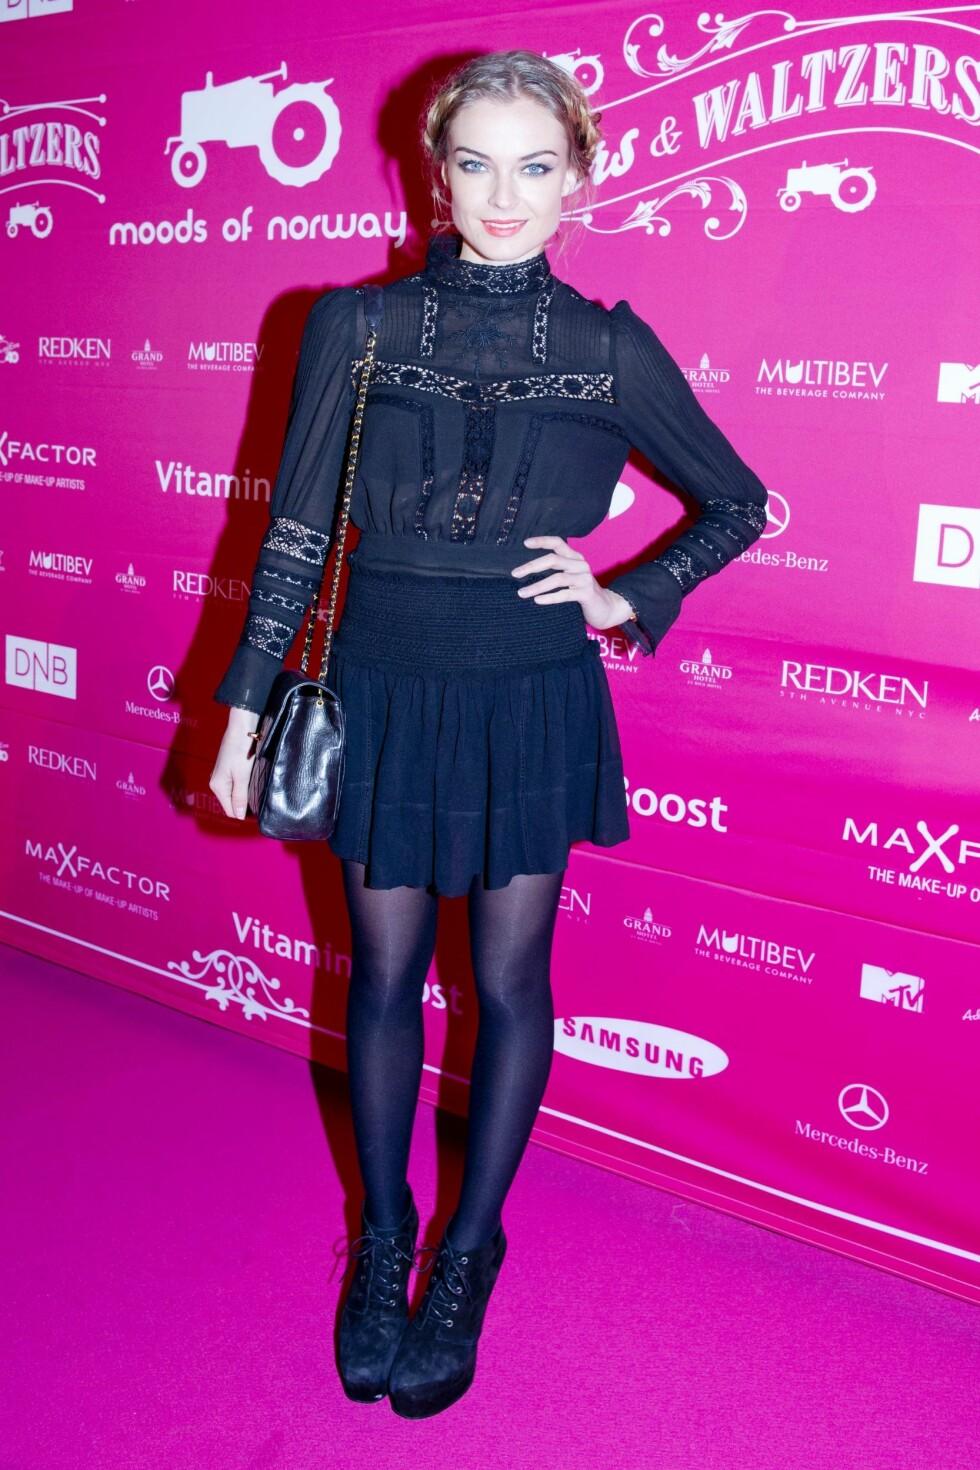 Charlotte Thorstvedt: Topp og skjørt fra Isabel Marant, sko fra Samsøe Samsøe og Chanel-veske. Foto: KK